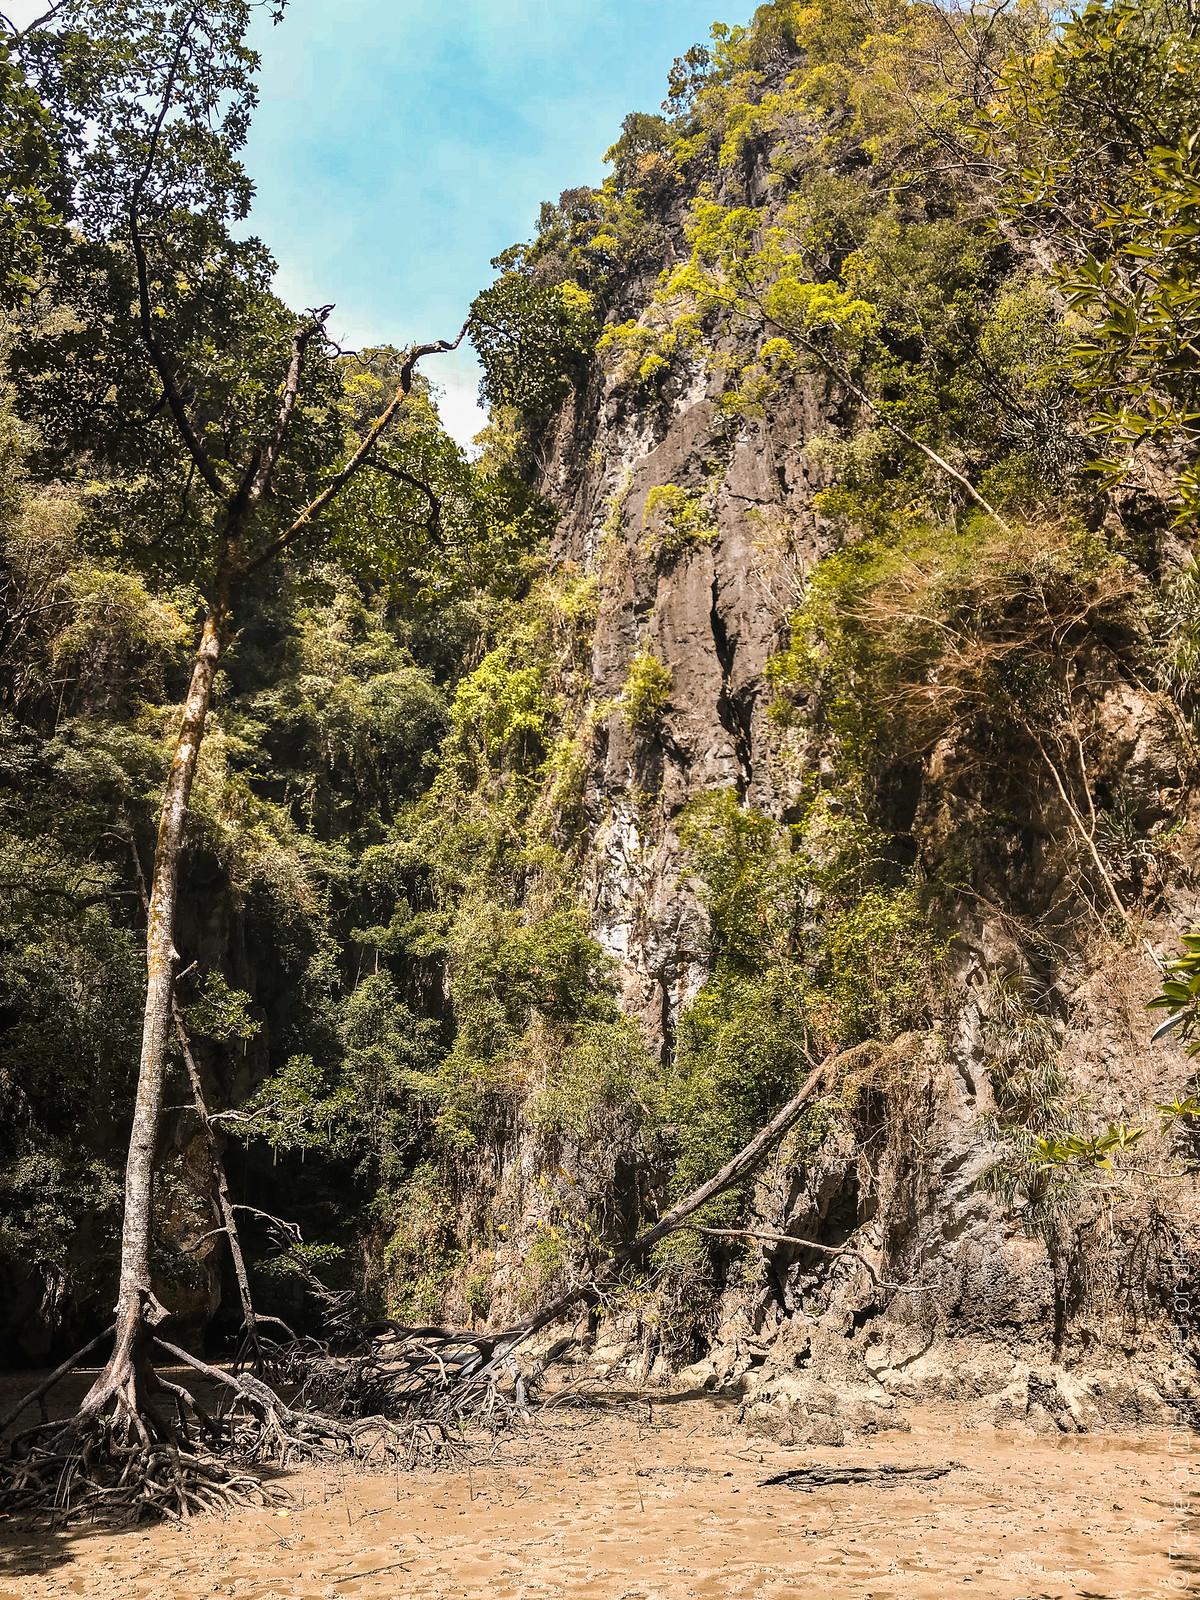 Panak-Island-Остров-Панак-Thailand-8381